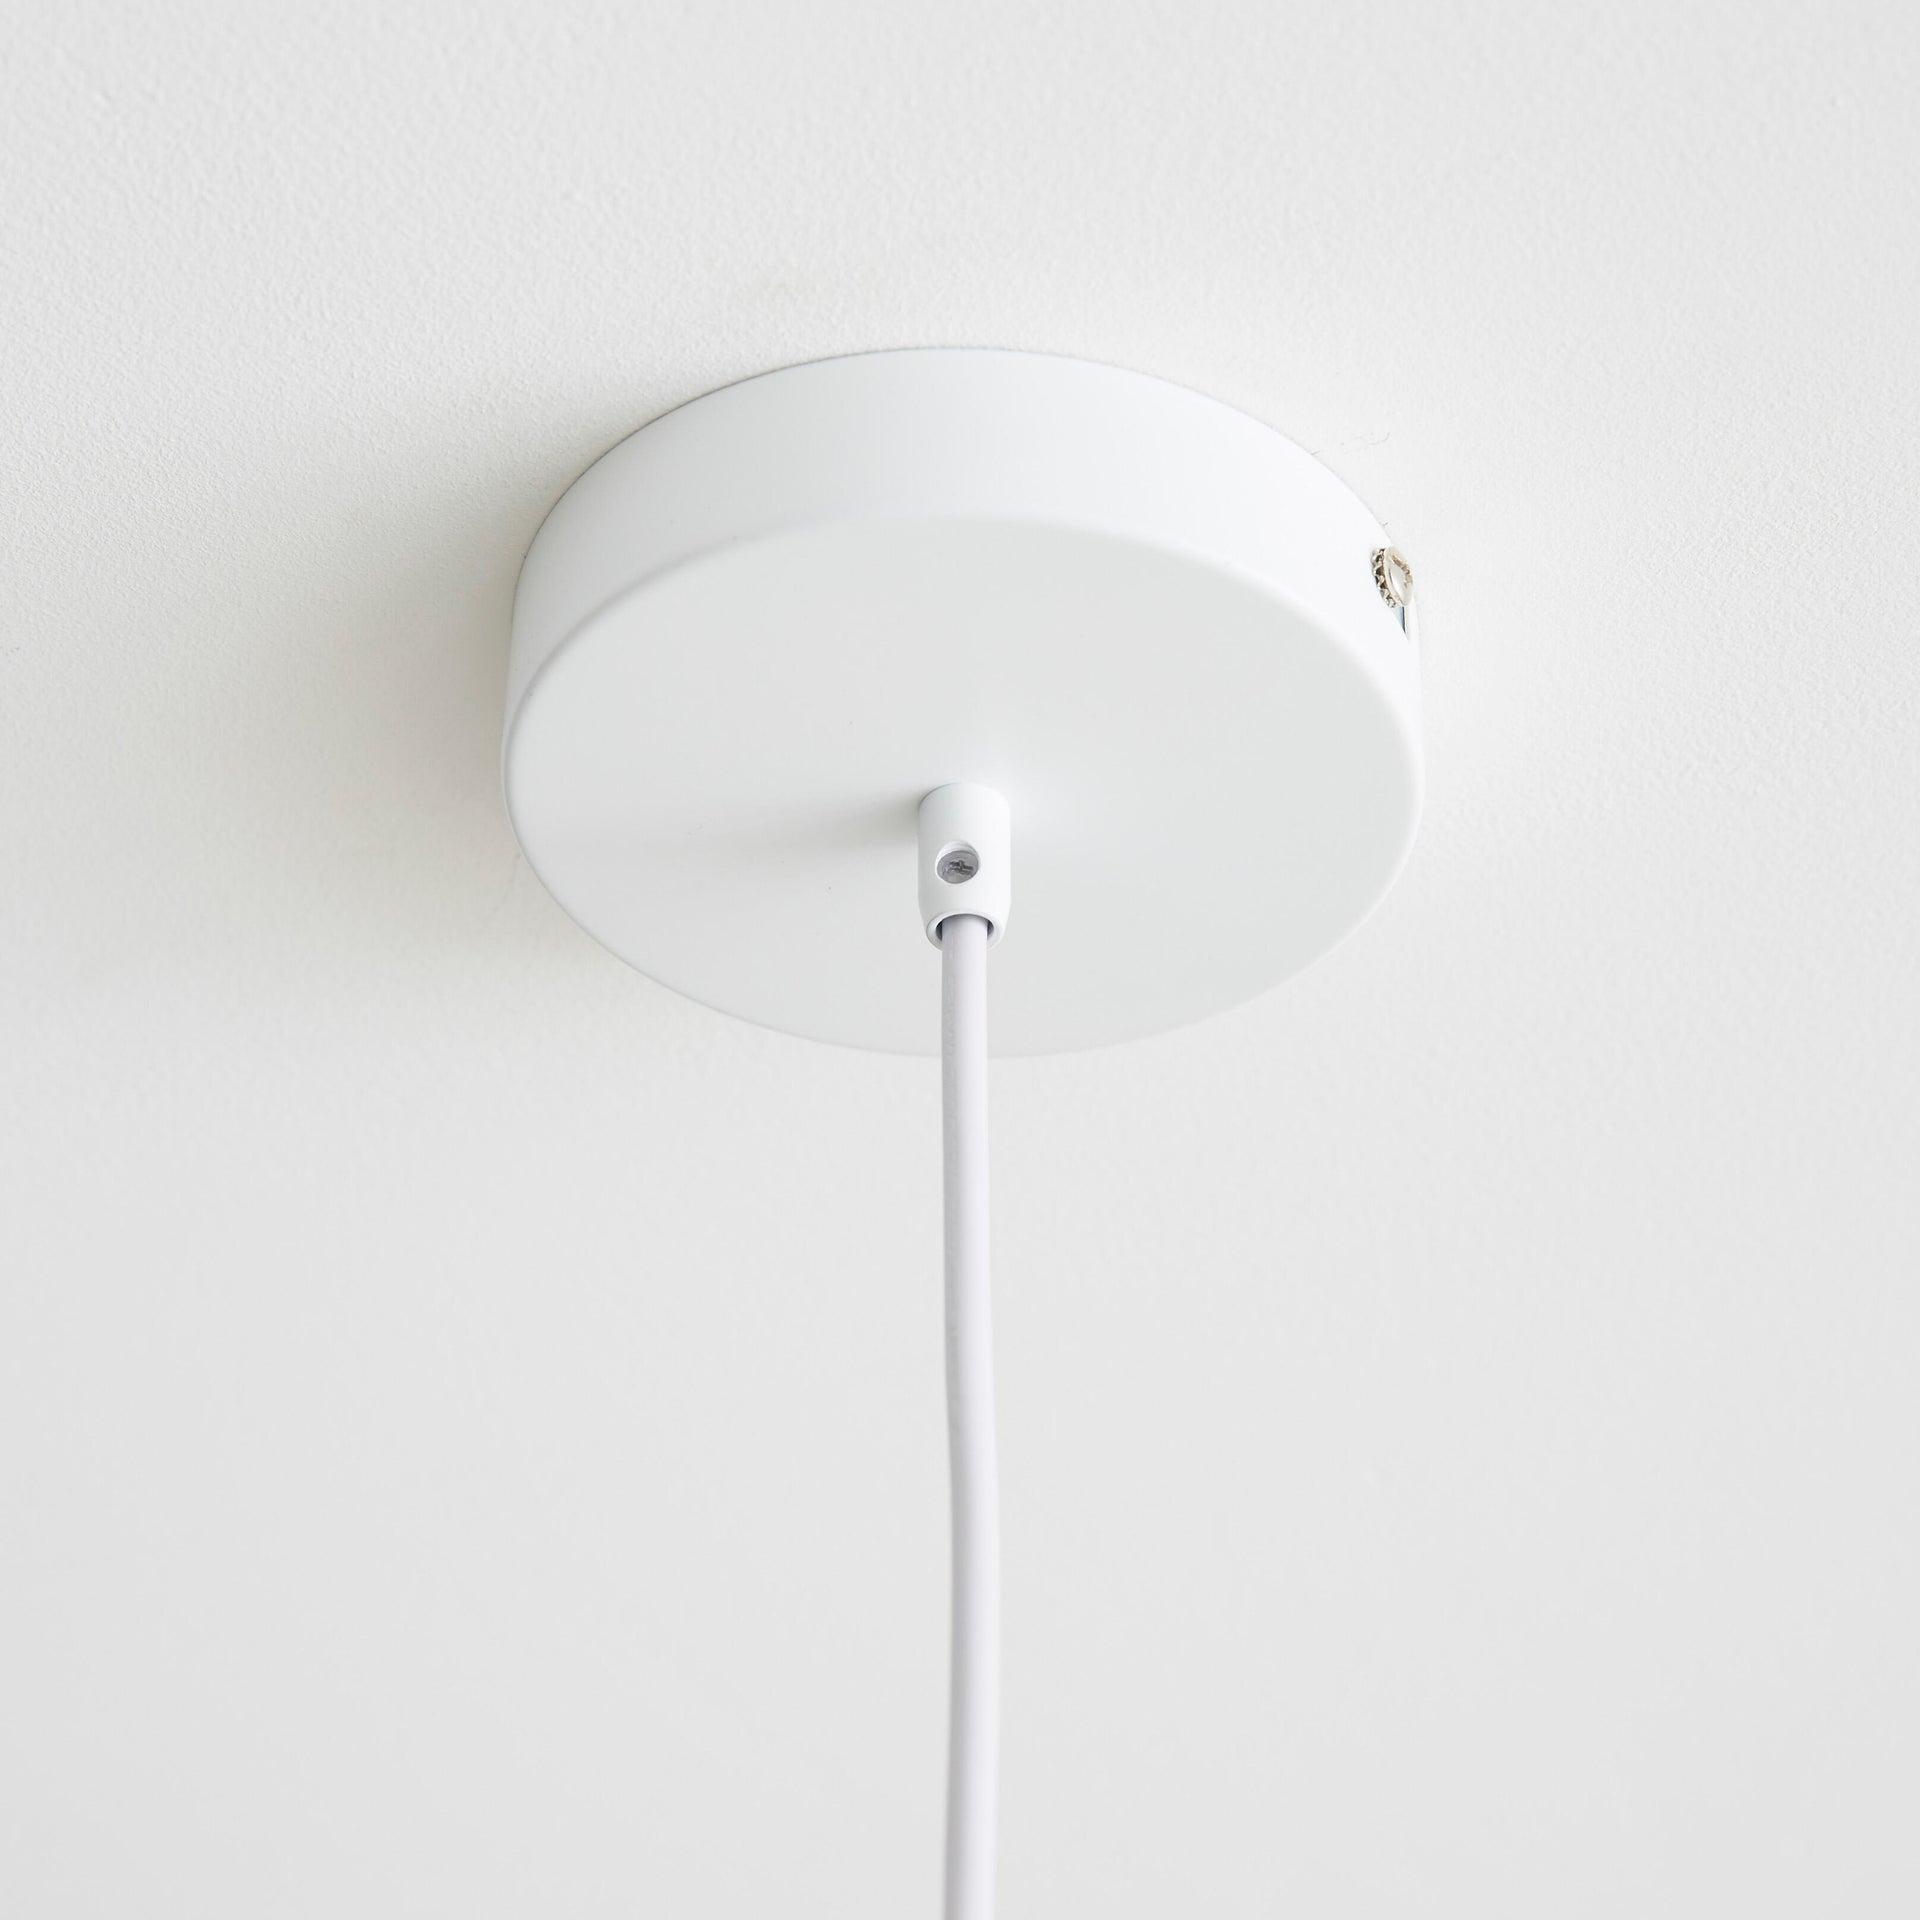 Lampadario Scandinavo Melga bianco in metallo, D. 20 cm, INSPIRE - 4